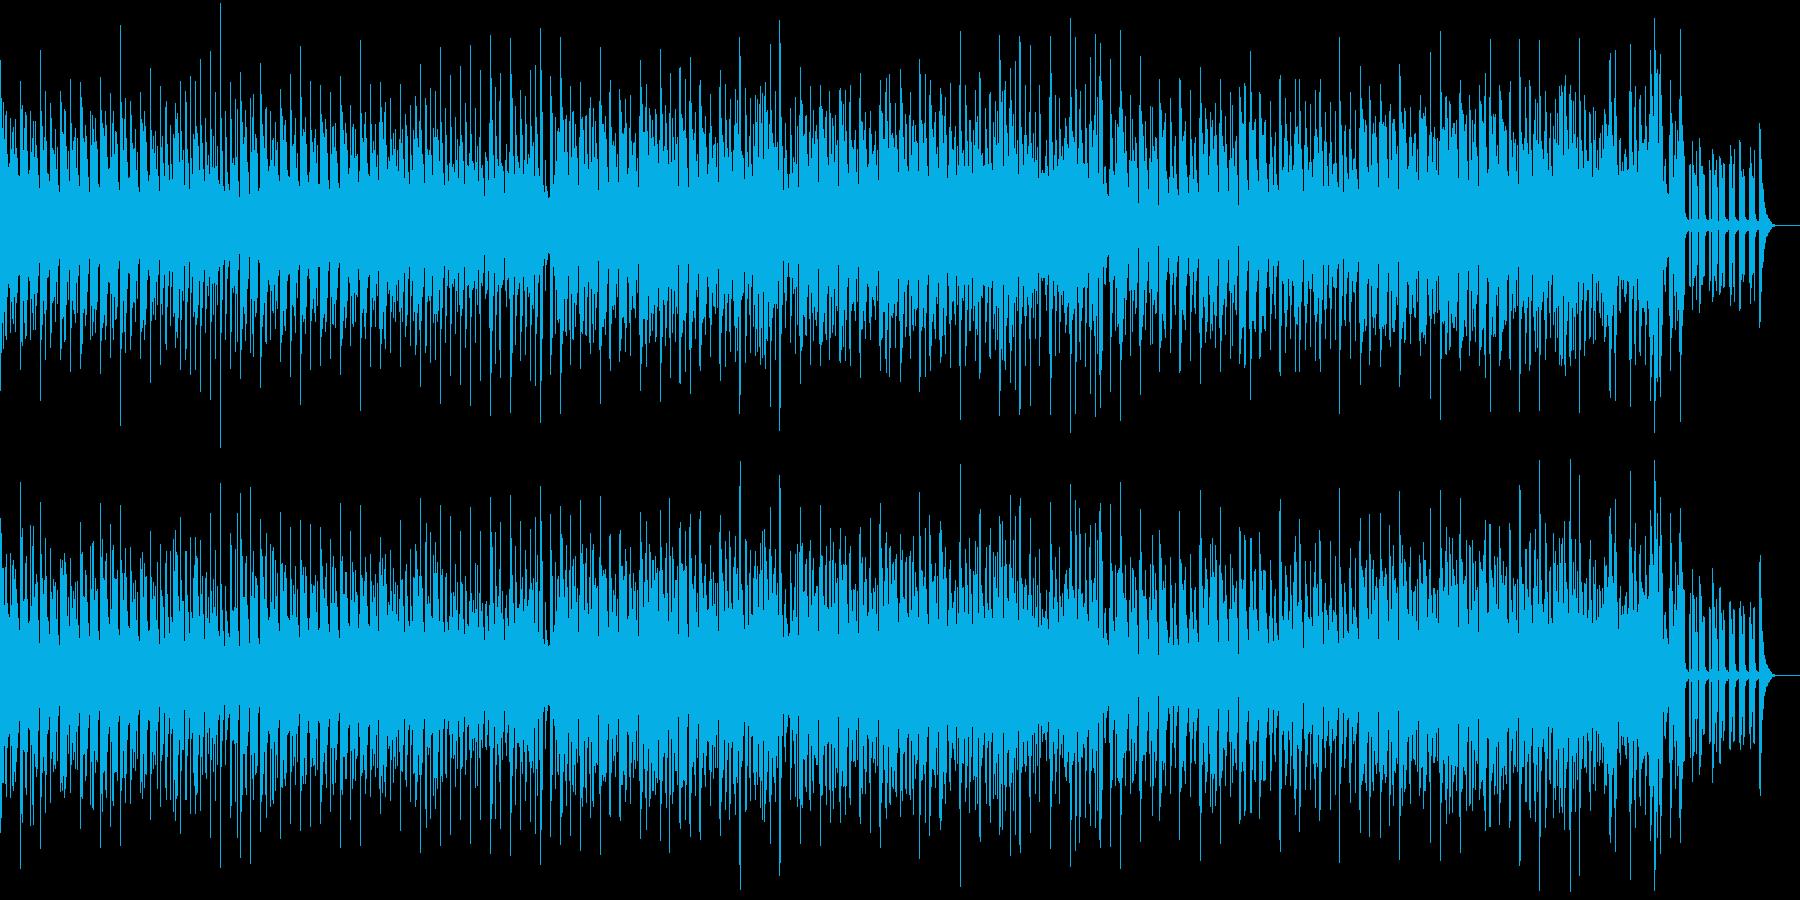 ラテン風リズムの軽快なジャズの再生済みの波形